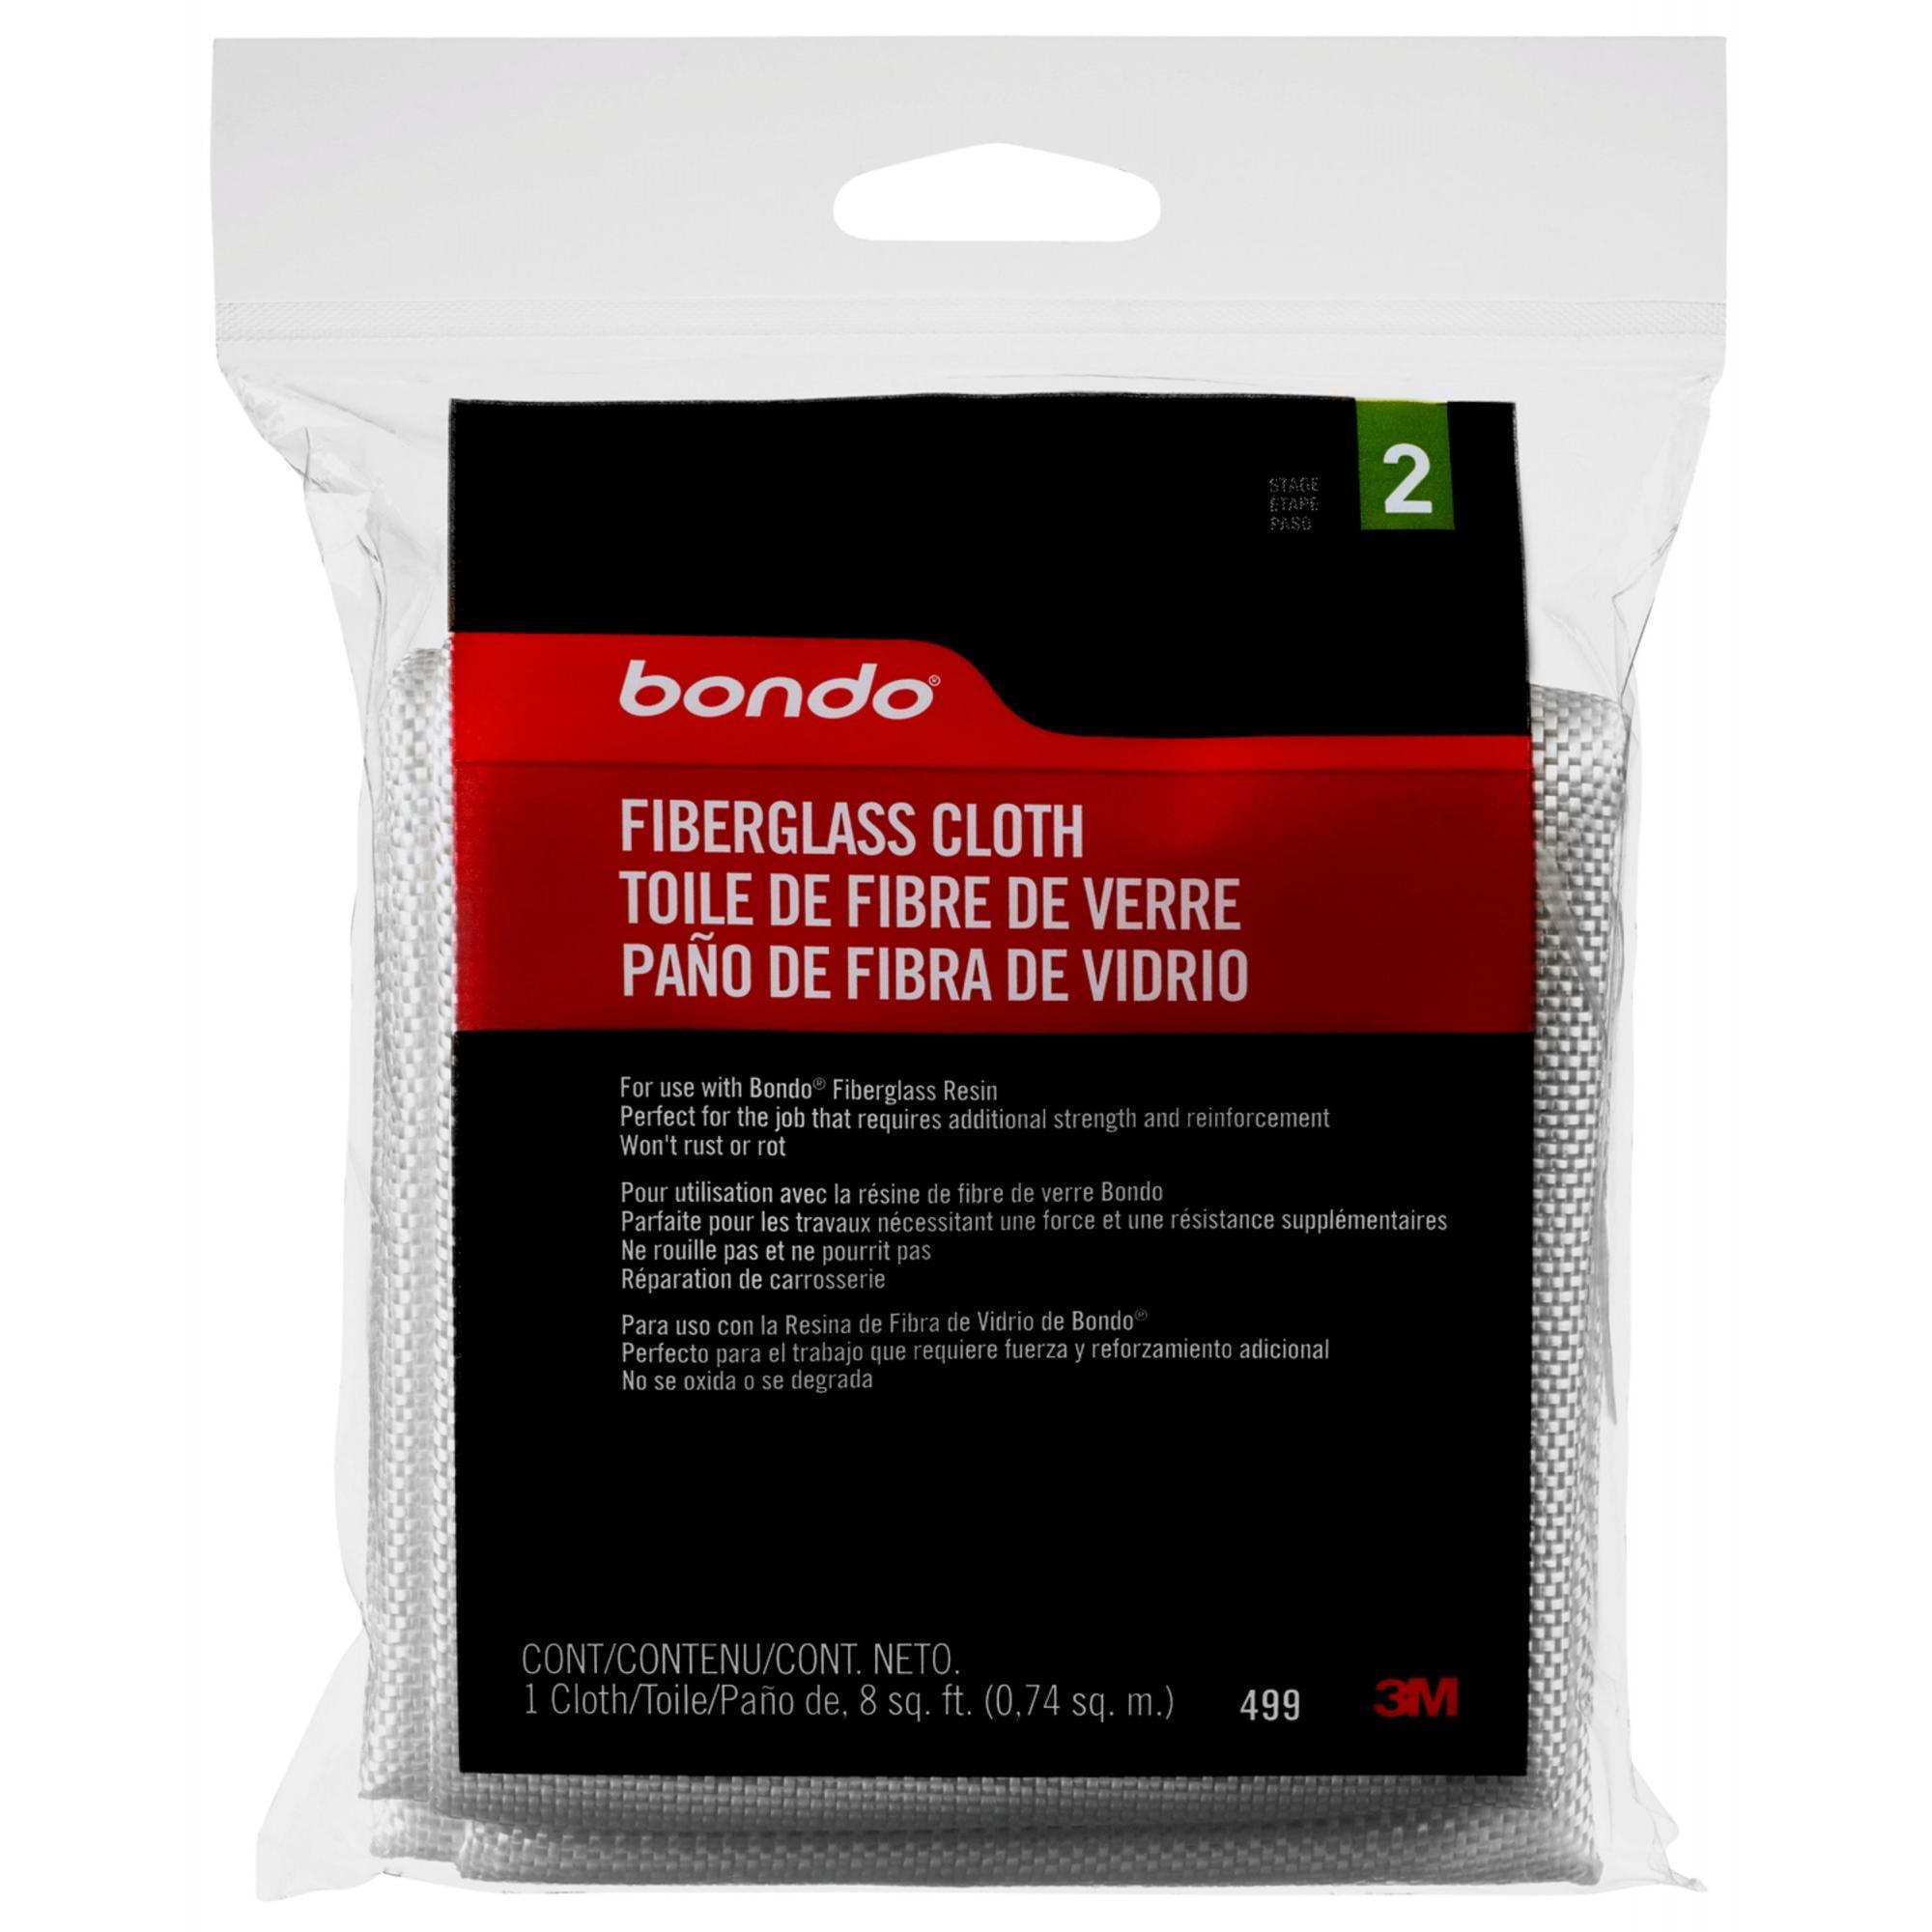 Bondo Fiberglass Cloth, 00499, 8 sq. ft.